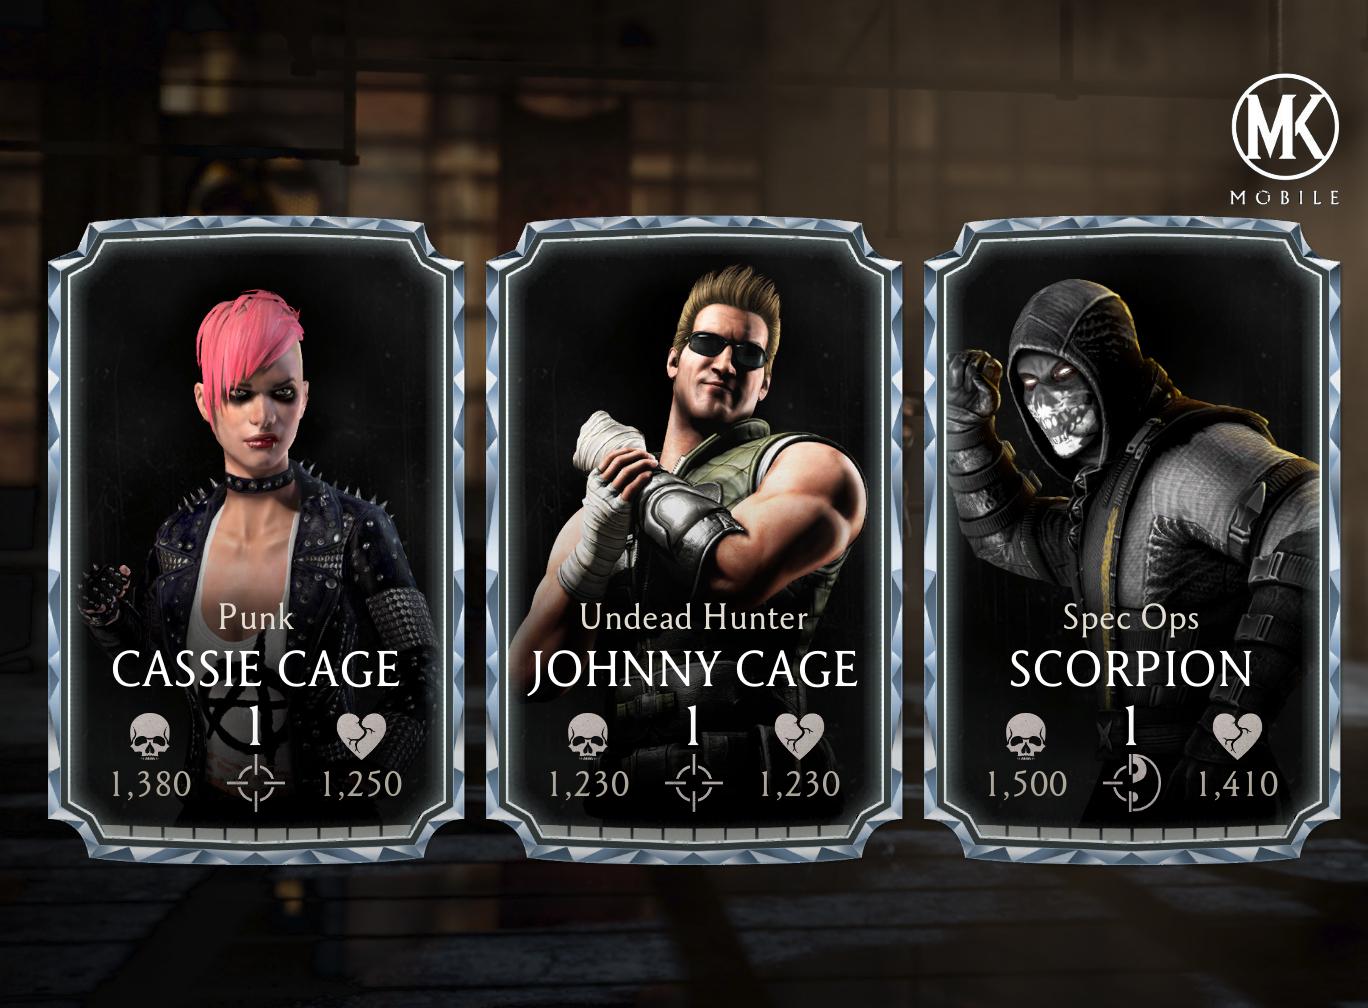 MK Mobile Team Synergy Guide – Mortal Kombat Games